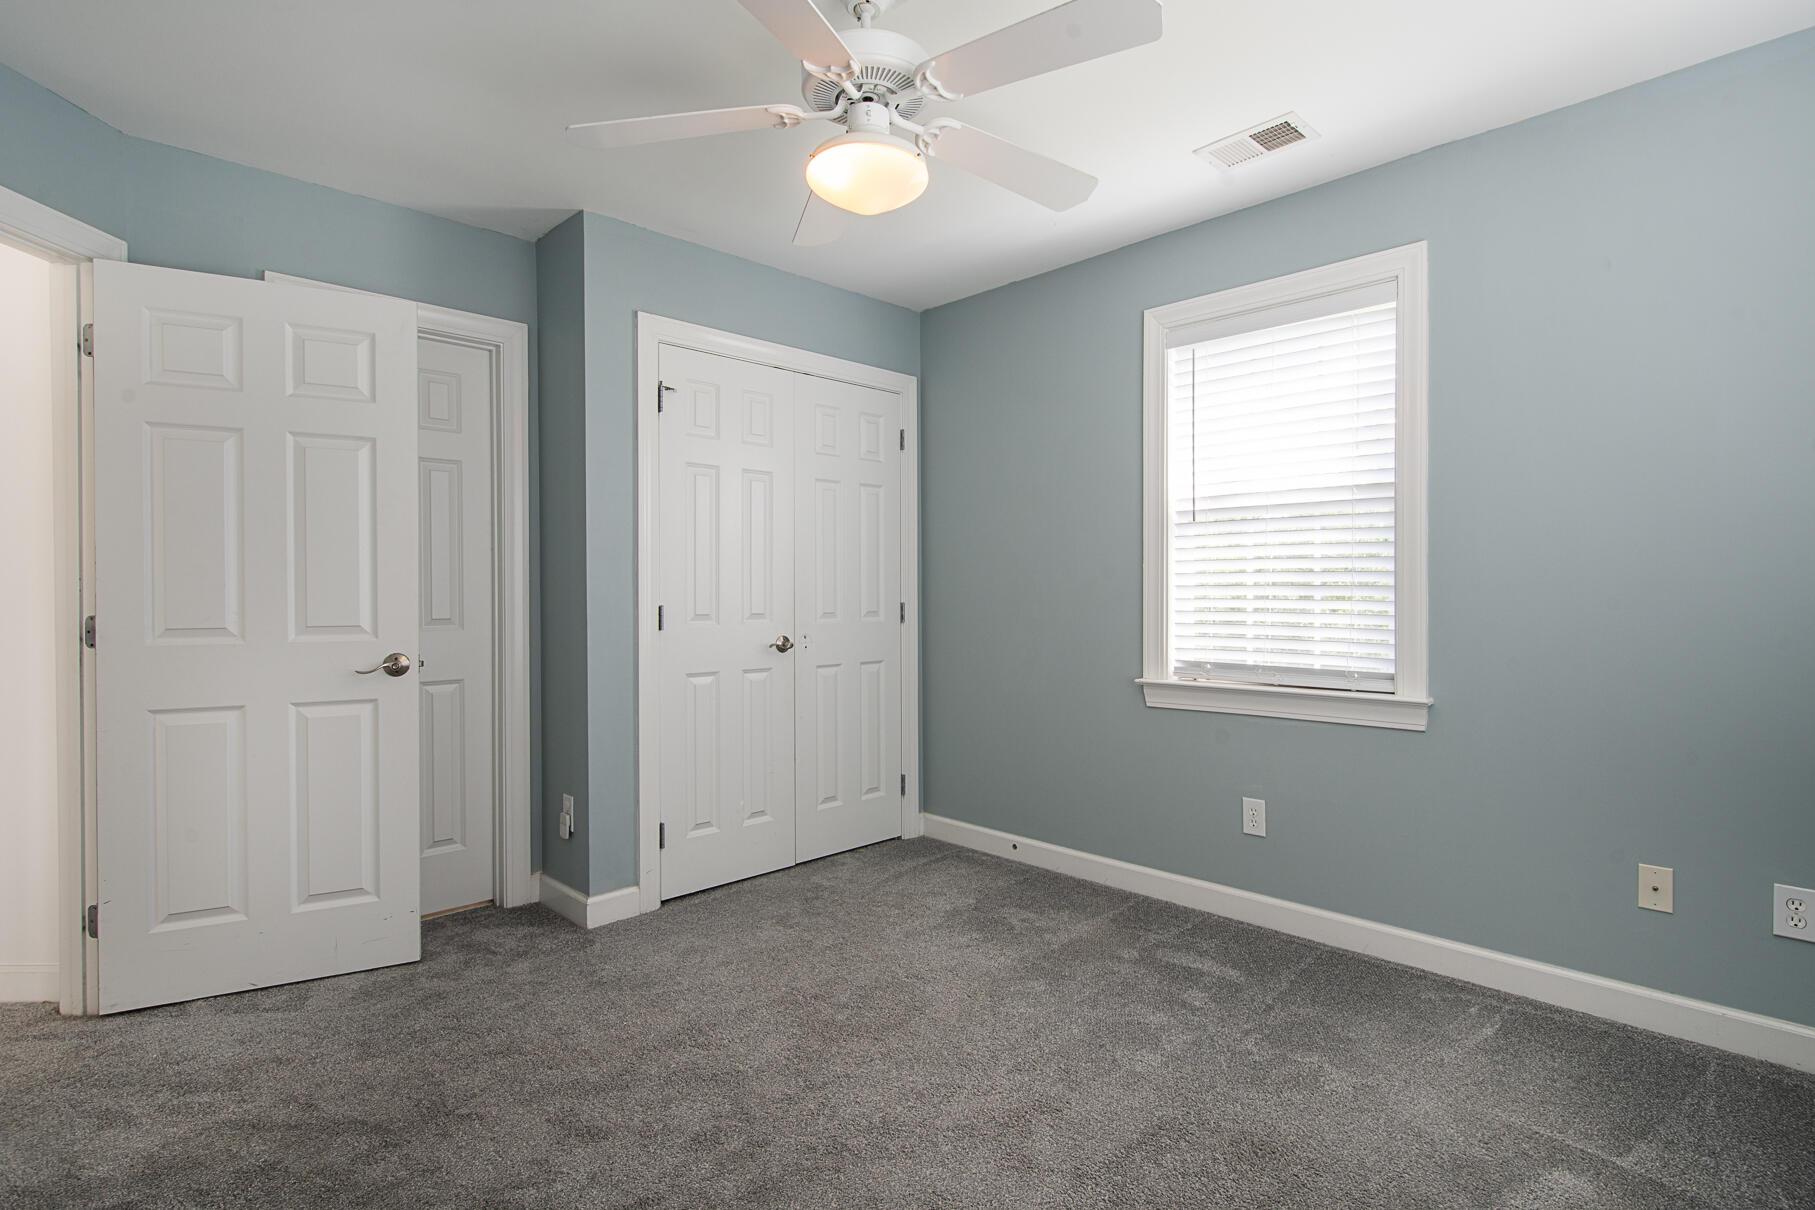 Dunes West Homes For Sale - 3059 Riverwood, Mount Pleasant, SC - 30